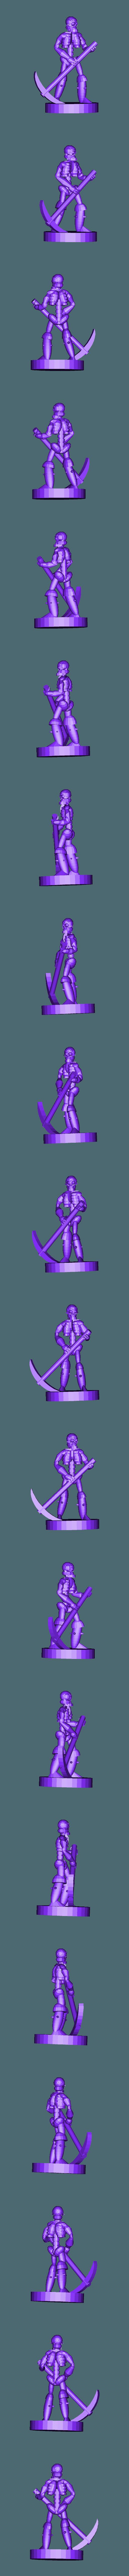 dnd_skeleton_28mm.stl Download free STL file DnD Skeleton • 3D print object, mrhers2